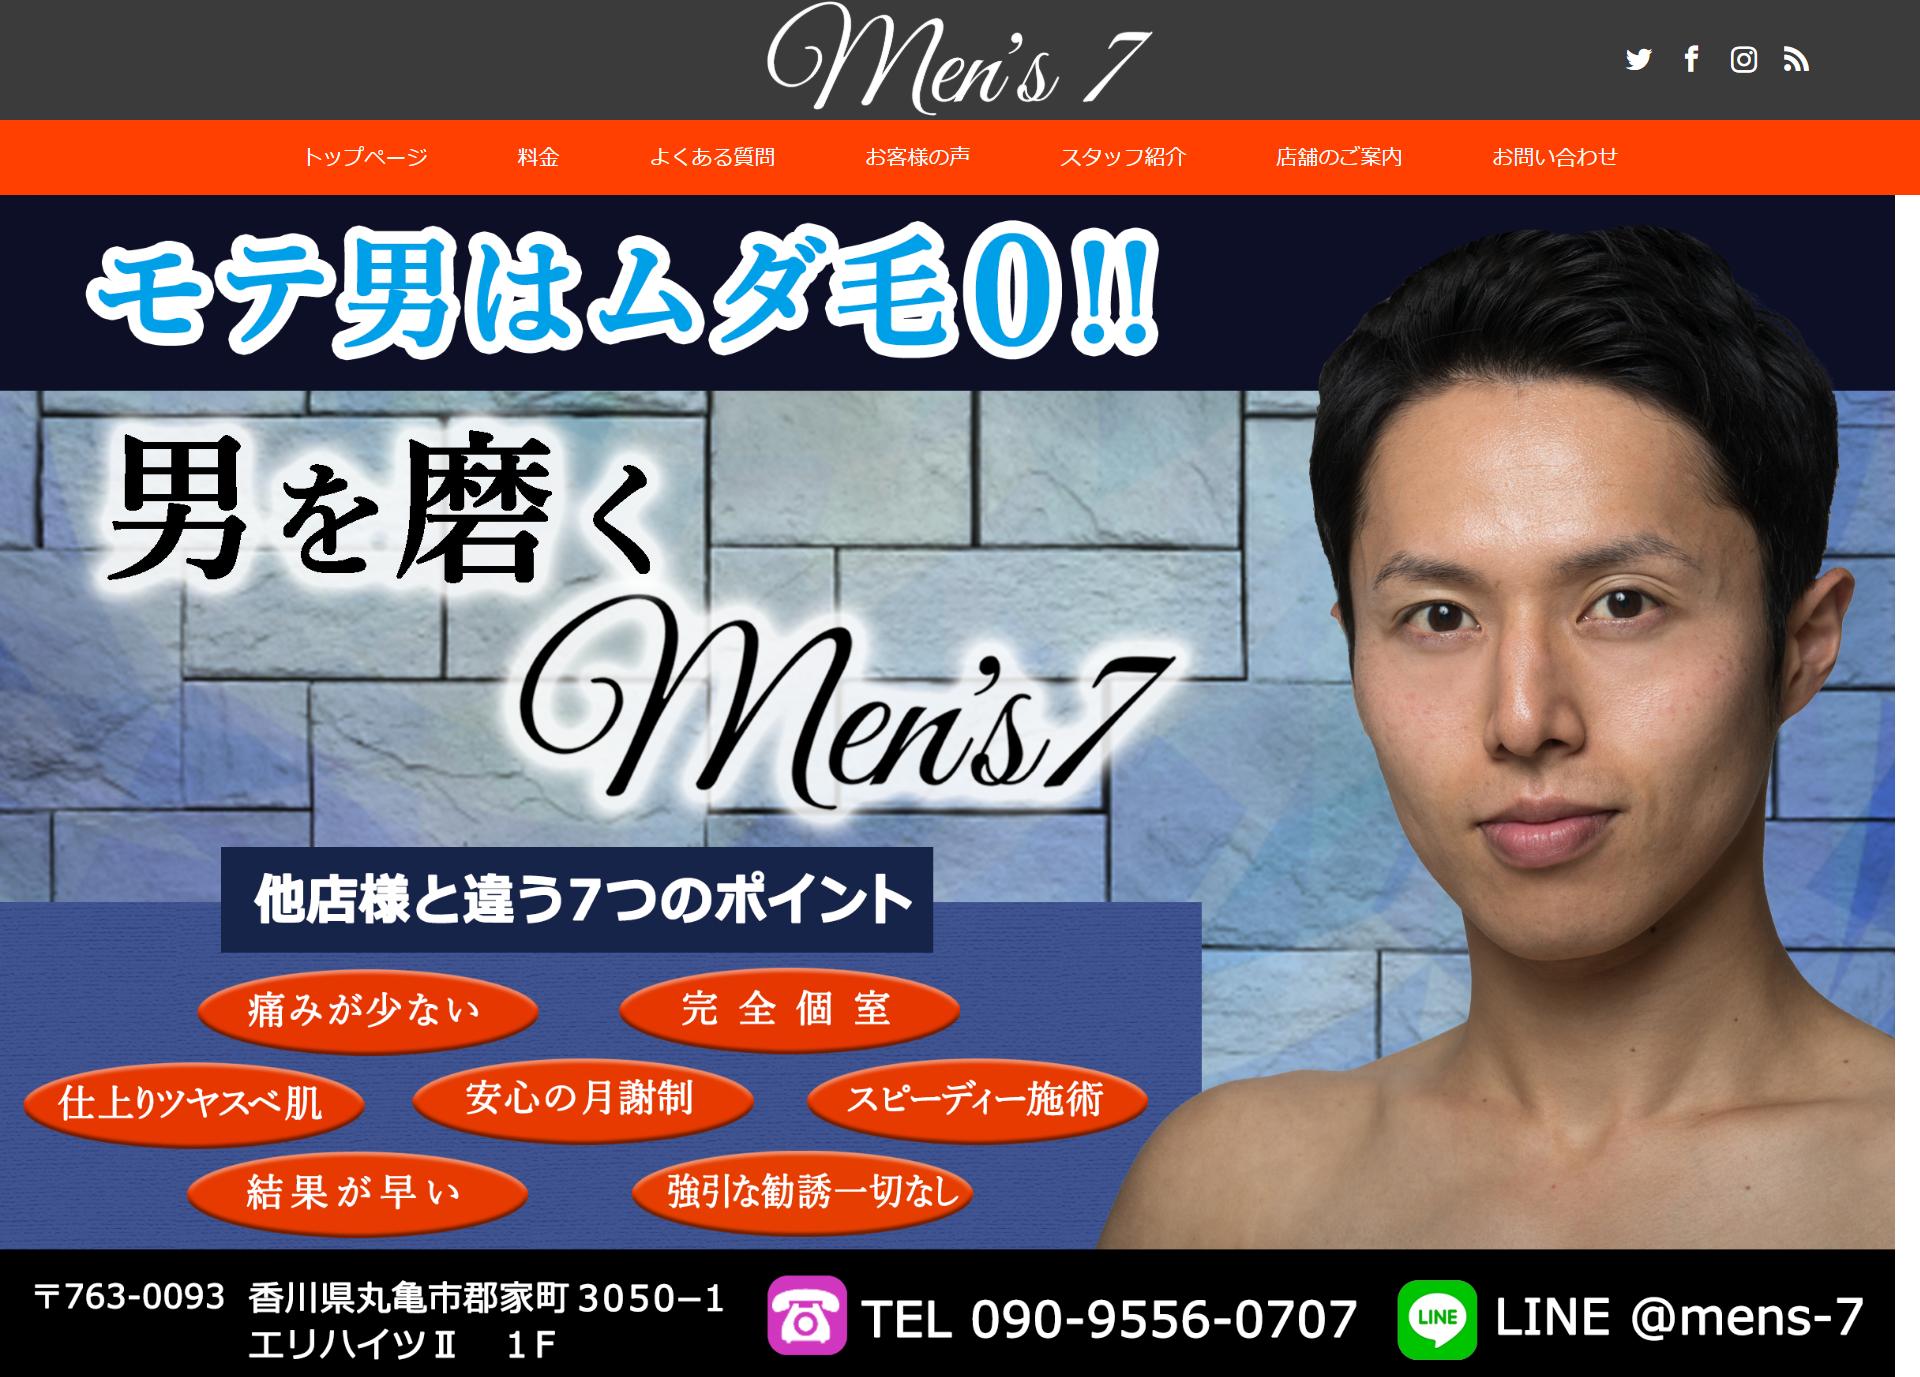 香川県丸亀市 メンズ脱毛サロン『メンズ7』